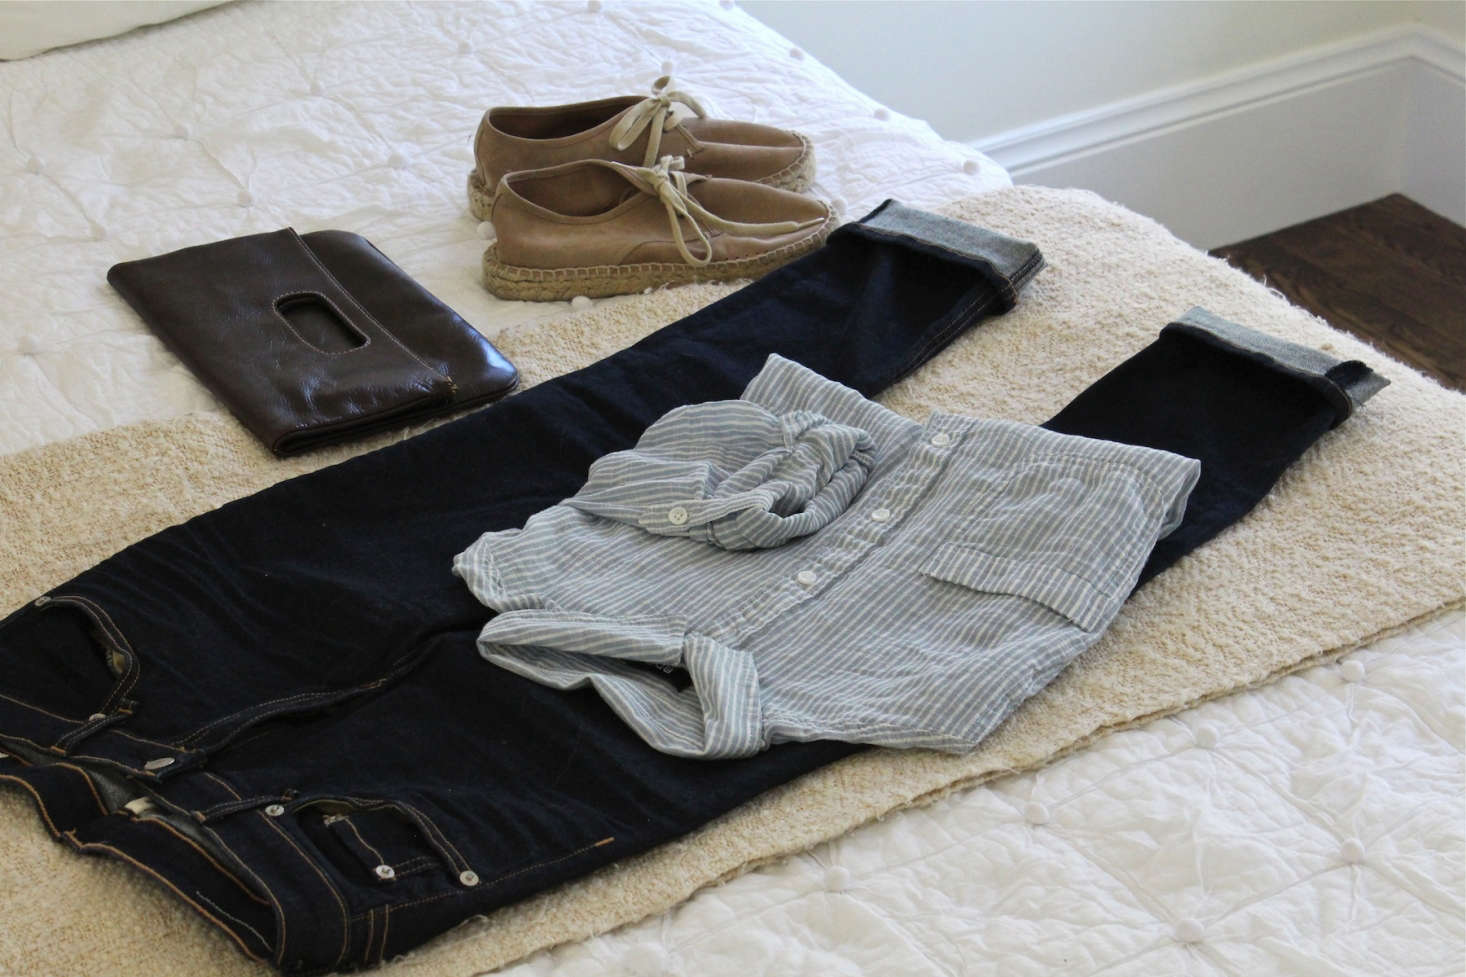 My essentials.